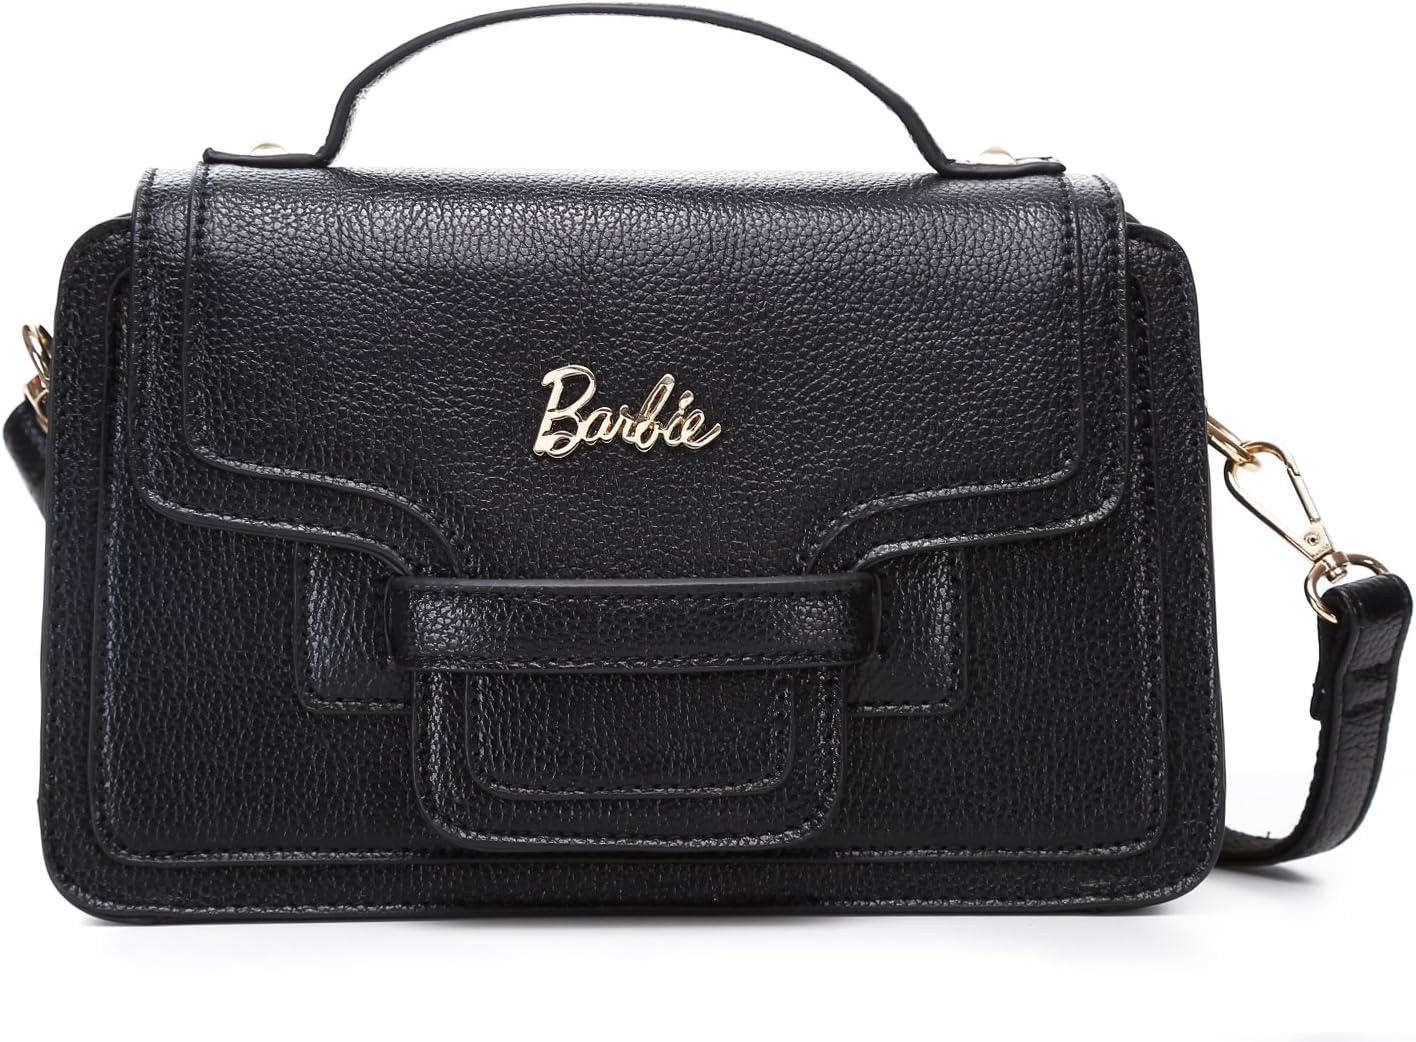 Barbie Girls Handbag Black Leather Shoulder Bag Cross-Body Bag for Ladies BBFB339.01A